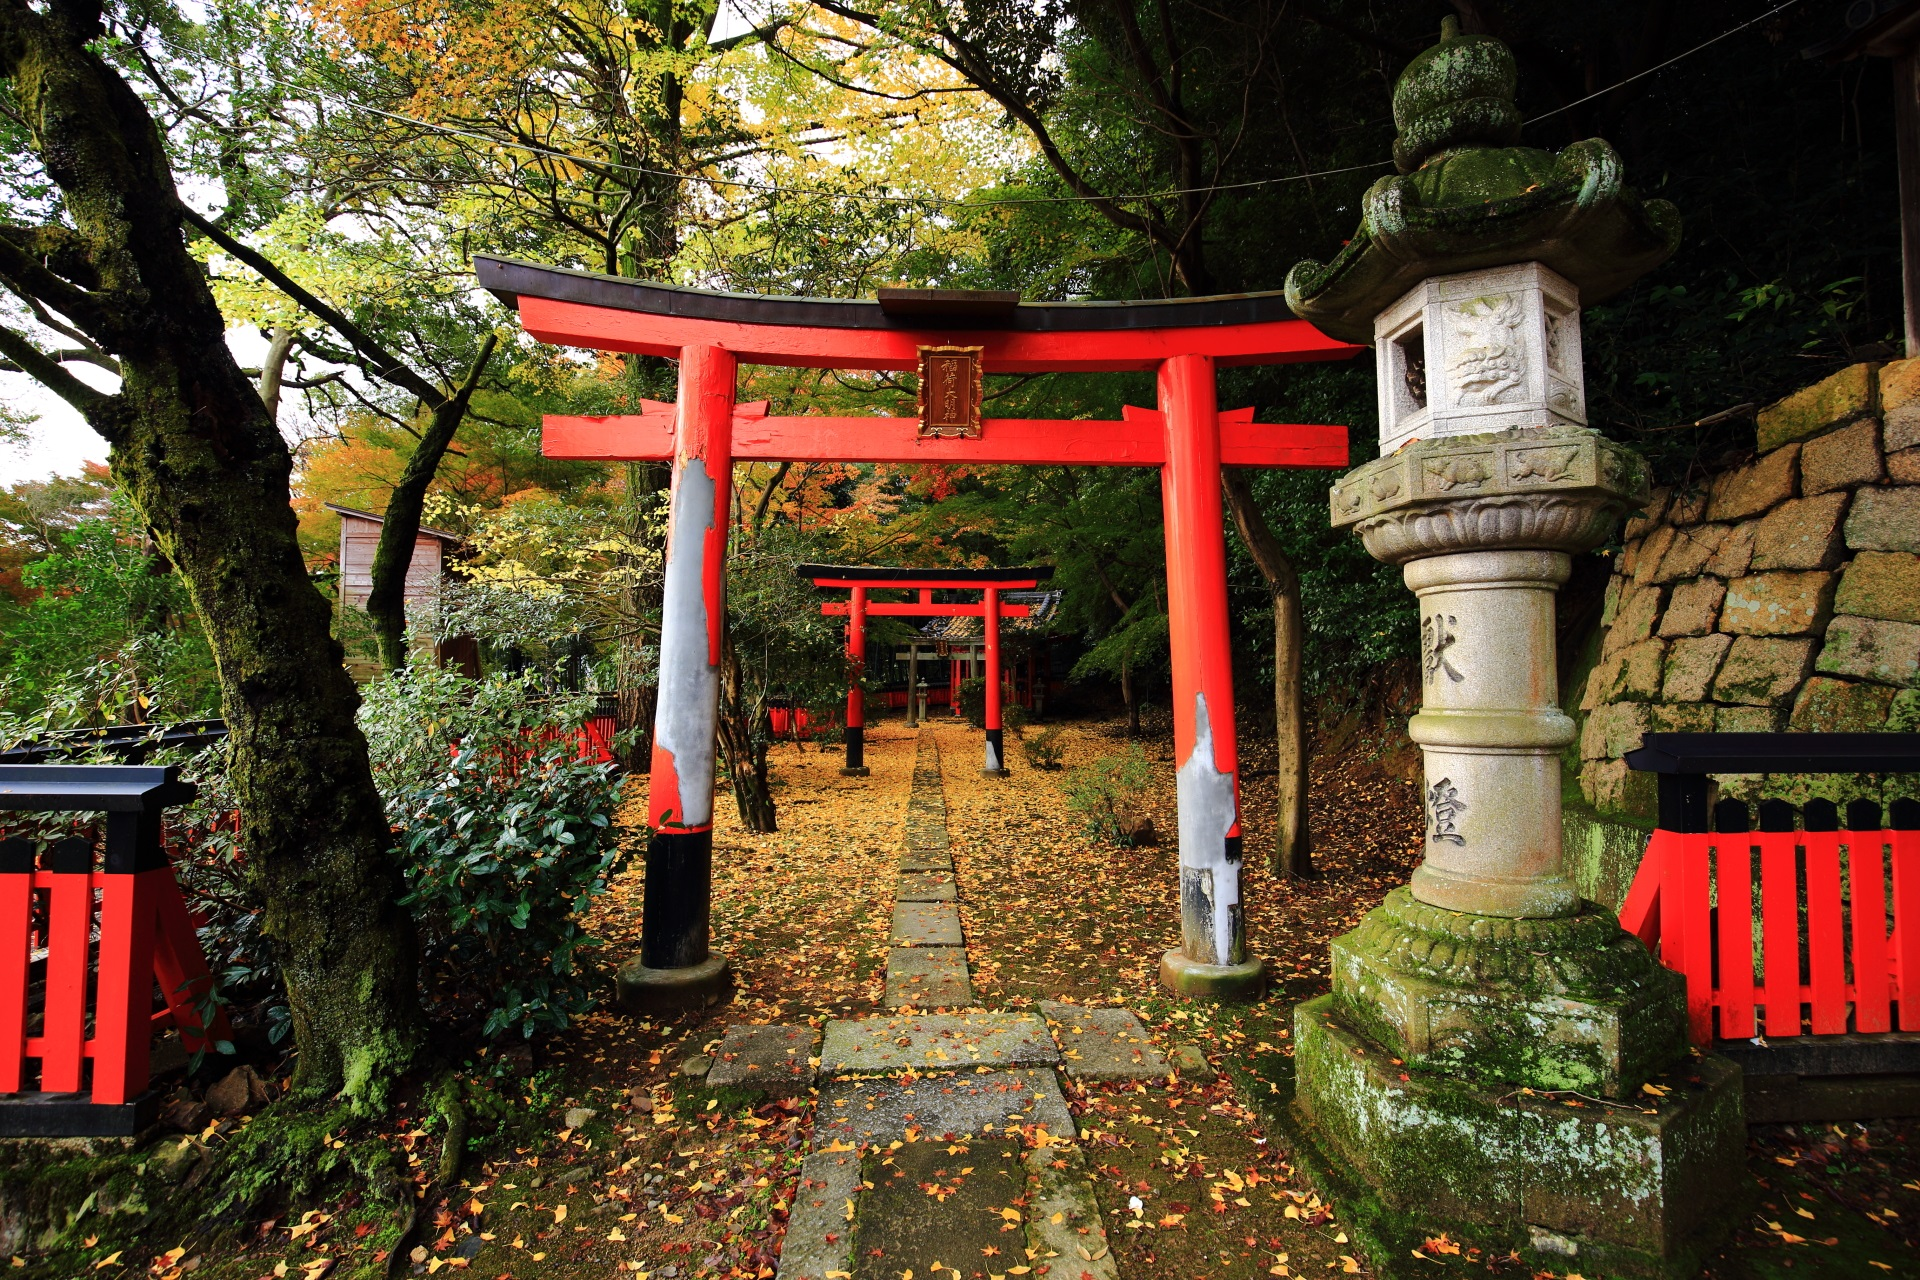 山崎聖天の稲荷社の赤い鳥居と華やかな散り銀杏